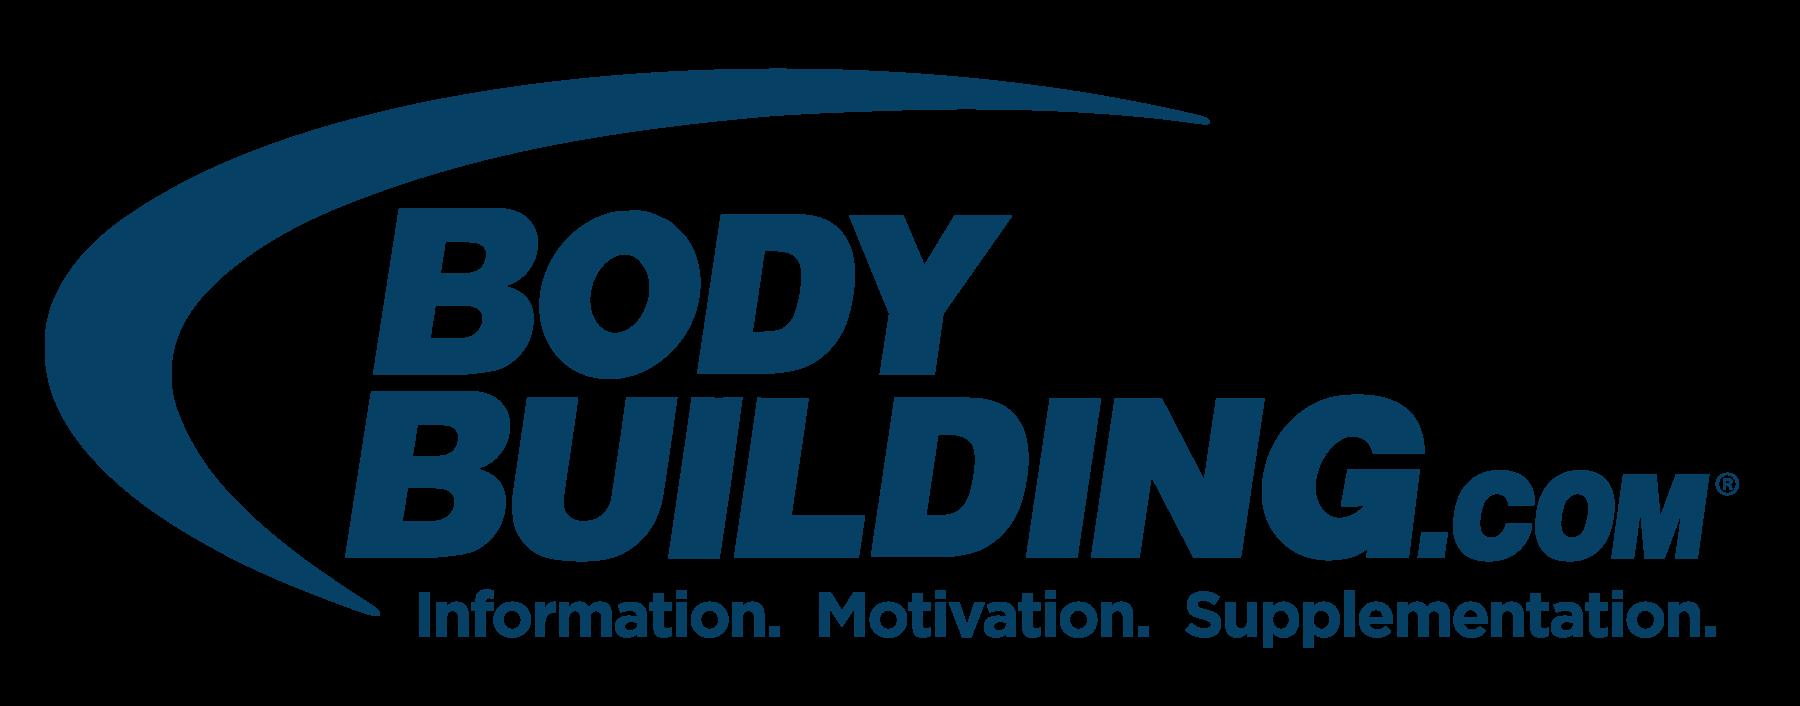 Image - Bodybuilding.com logo.png | Logopedia | Fandom